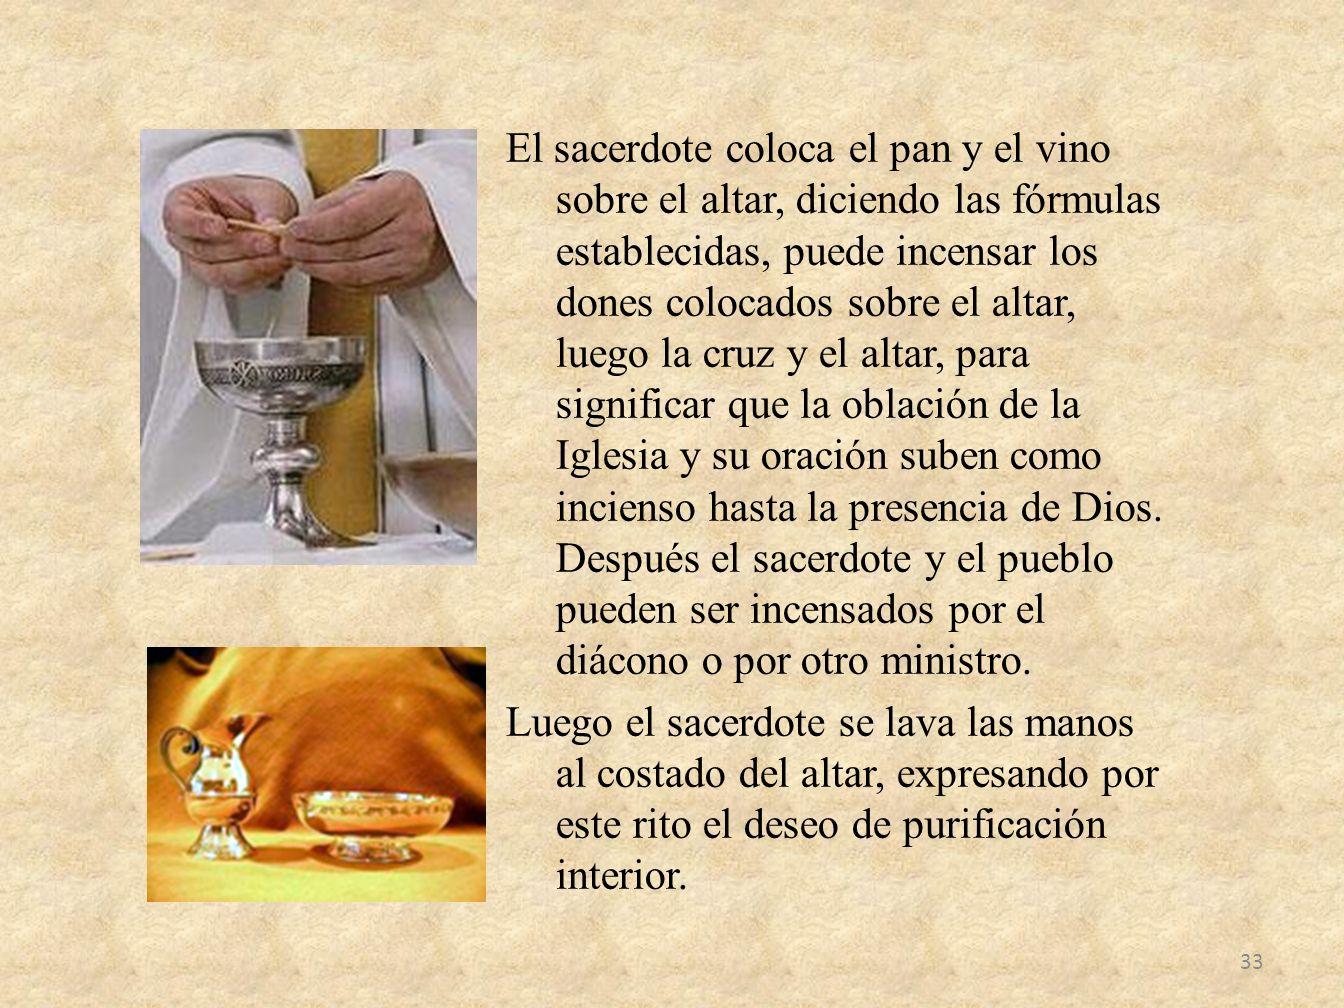 El sacerdote coloca el pan y el vino sobre el altar, diciendo las fórmulas establecidas, puede incensar los dones colocados sobre el altar, luego la c